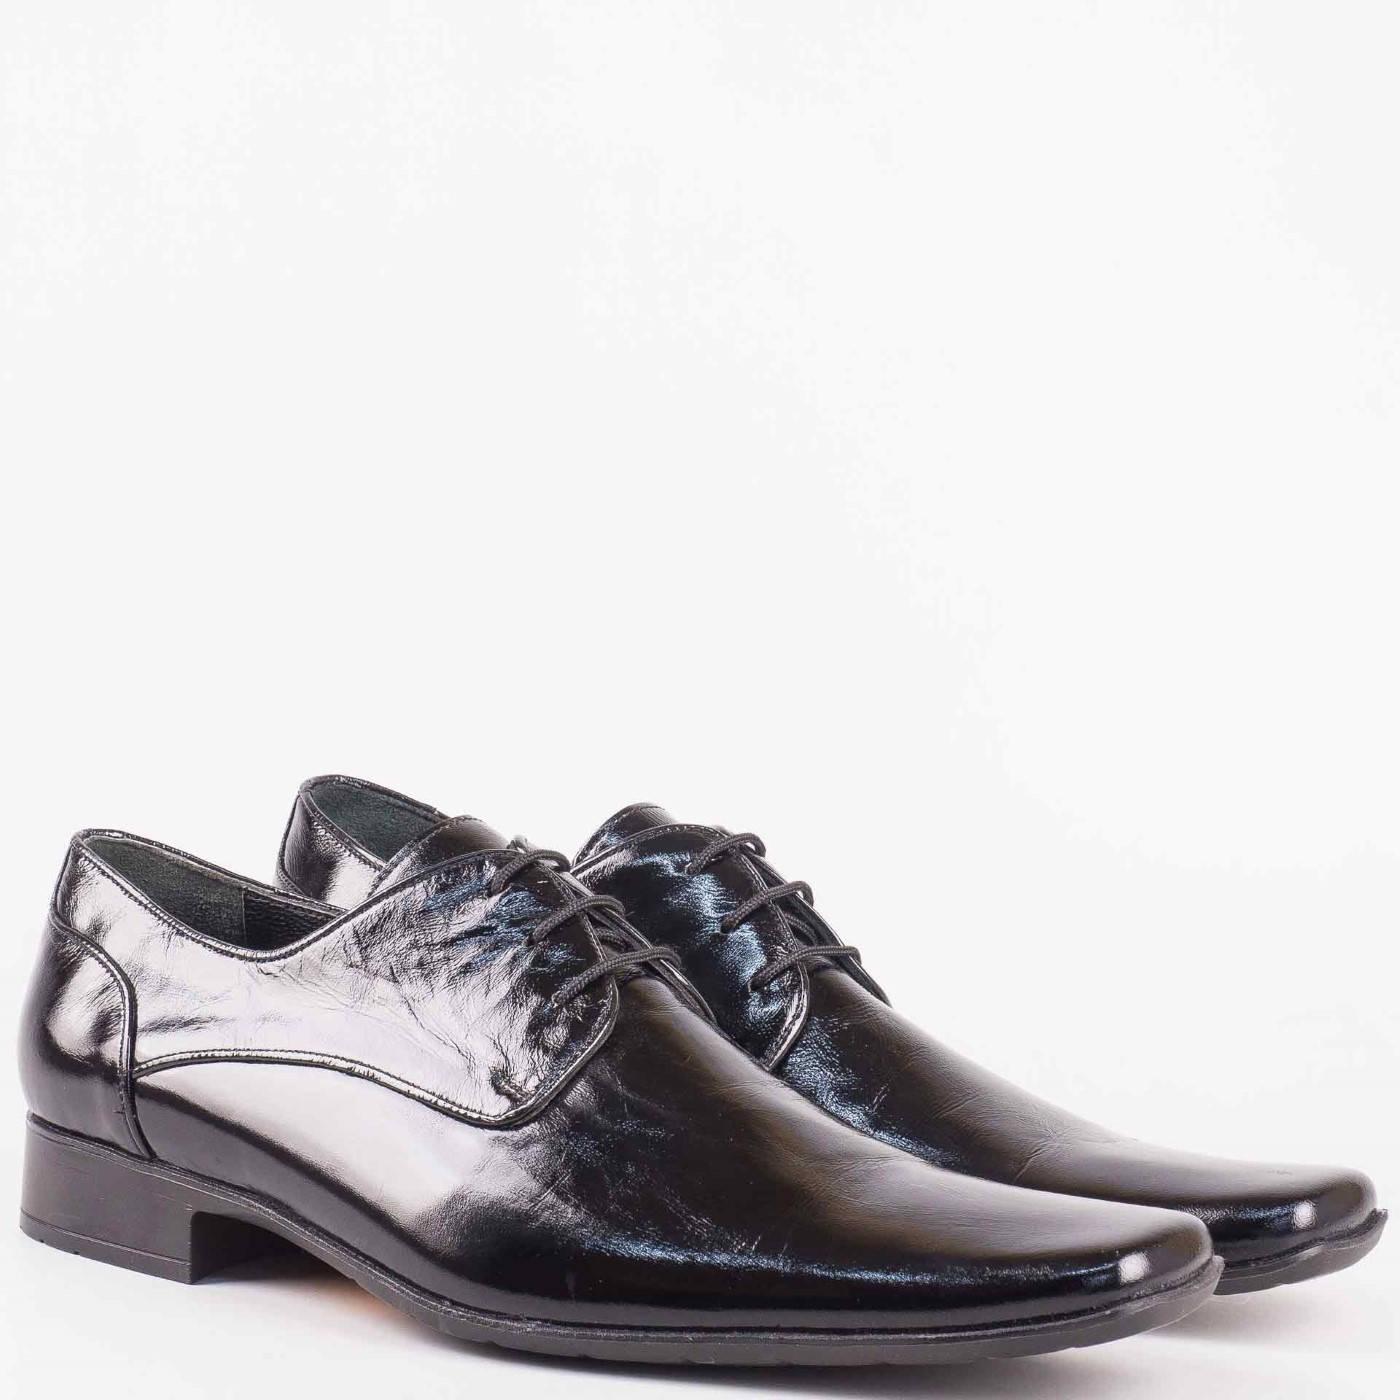 d32d6257a21 Официални мъжки обувки с връзки в черен естествен лак от утвърден български  производител 1553lch - Sisi-bg.com